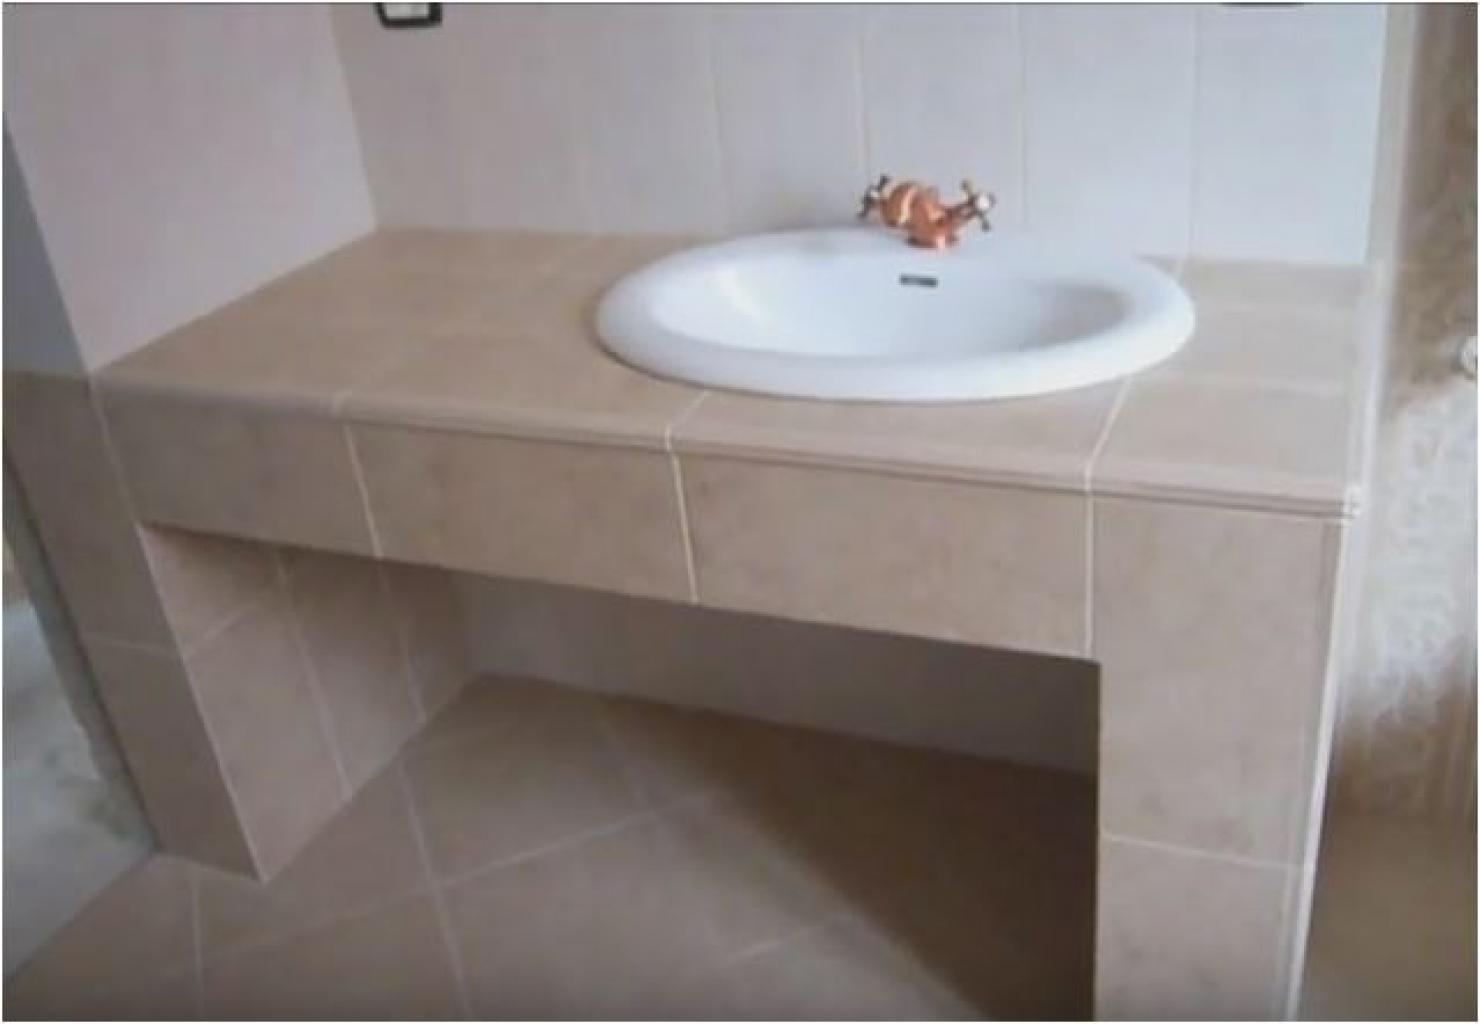 Ristrutturazione bagno con lavabo in muratura a bologna - Lavabo bagno muratura ...